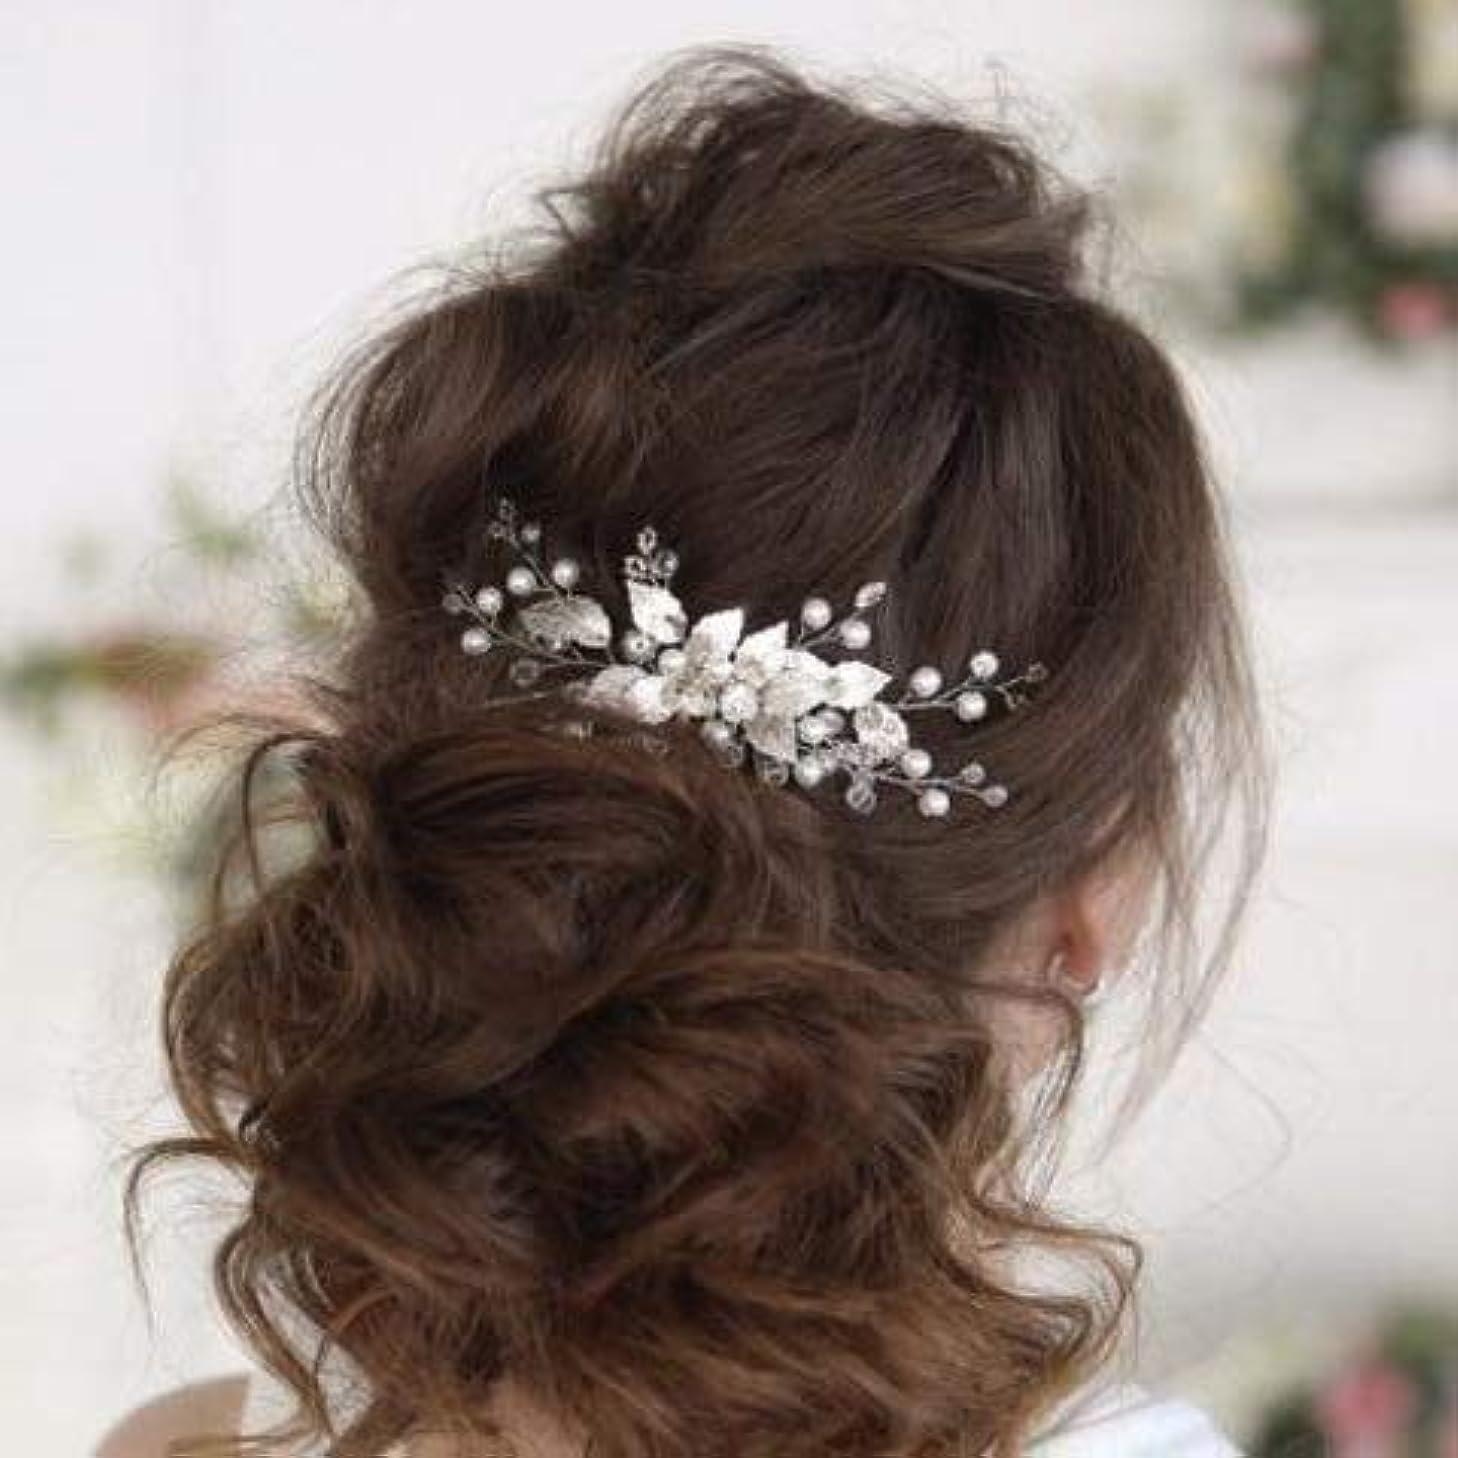 実施するラショナル予防接種するKercisbeauty Boho Wedding Bridal Hair Comb Clips Decorative Headband with Crystal Leaf Rhinestones for Brides...